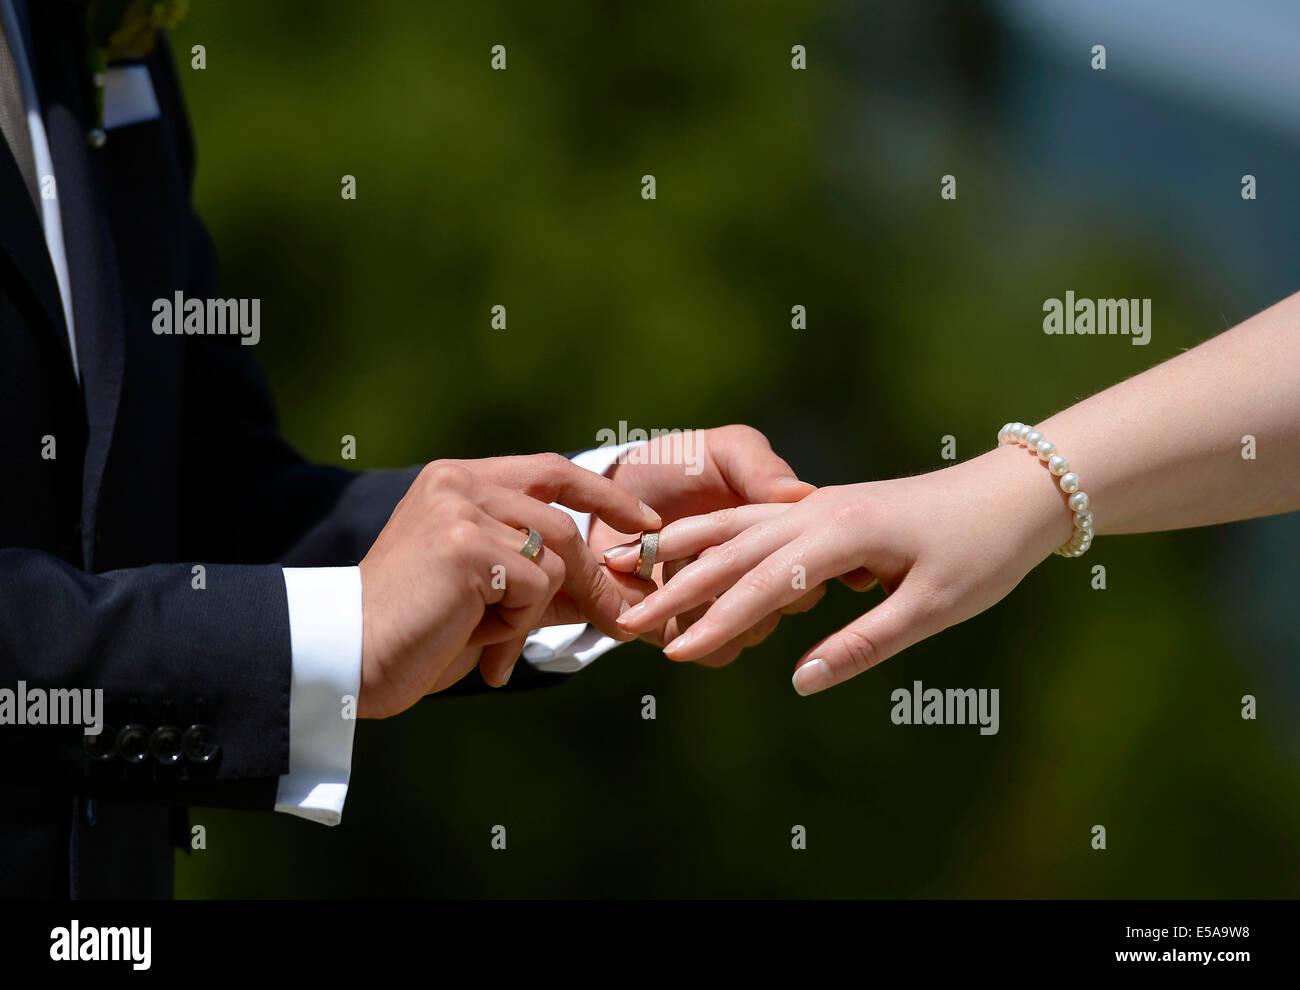 Exchanging wedding ring - Stock Image